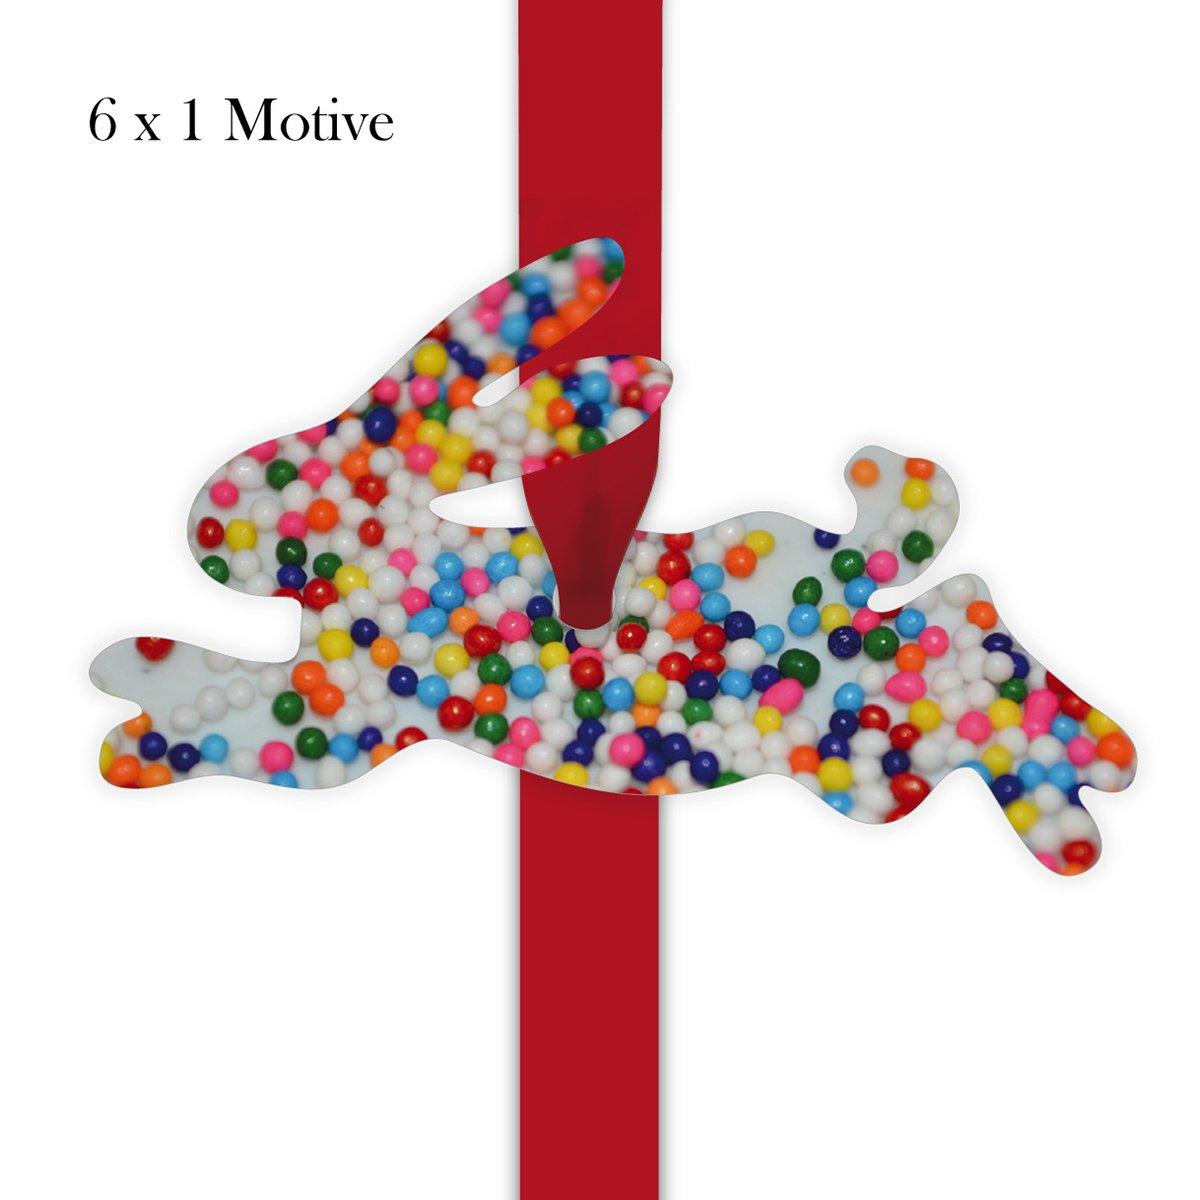 Kartenkaufrausch 60 süße süße 60 Geschenkanhänger   10 Pkg à 6 Stk Geschenkkärtchen   Girlanden Anhänger mit Zucker Perlen Foto - in Hasen Form 11,5 x 7cm 09ca4d